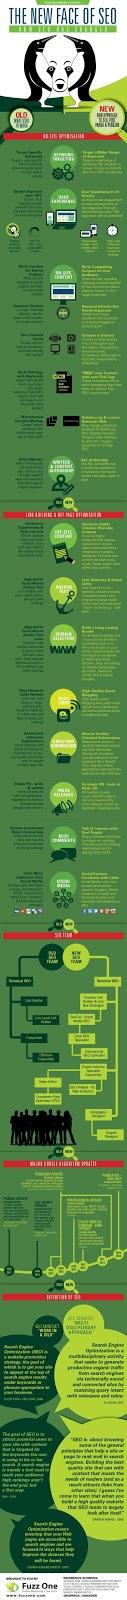 Infografía SEO 2013